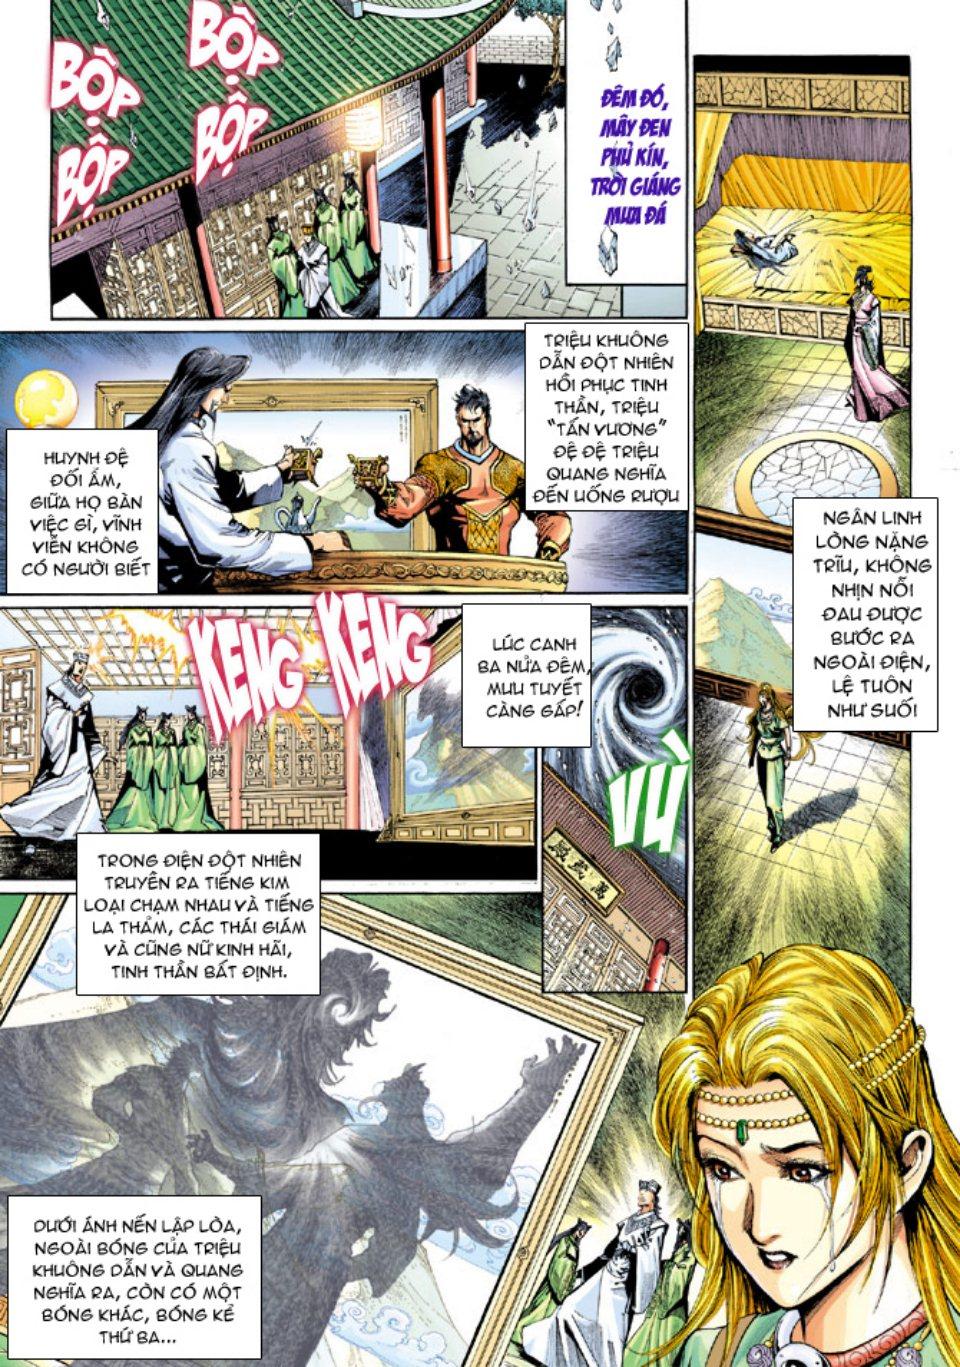 Thiên Tử Truyền Kỳ 5 - Như Lai Thần Chưởng chap 214 - Trang 30